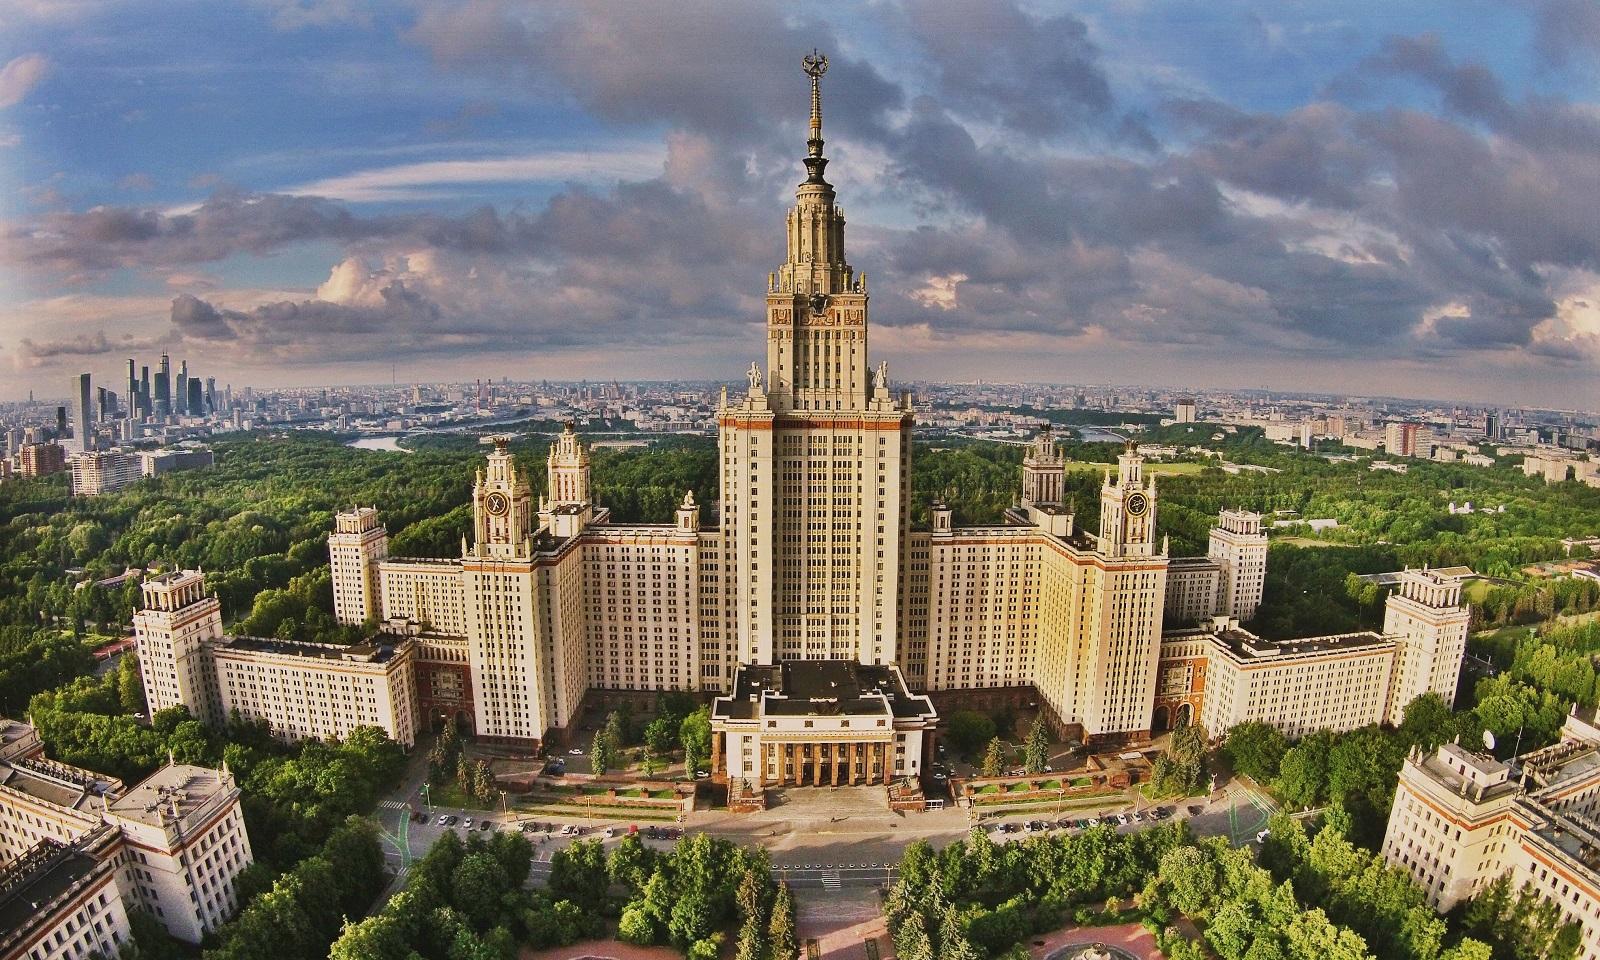 莫斯科国立大学留学学费一览插图-小狮座俄罗斯留学